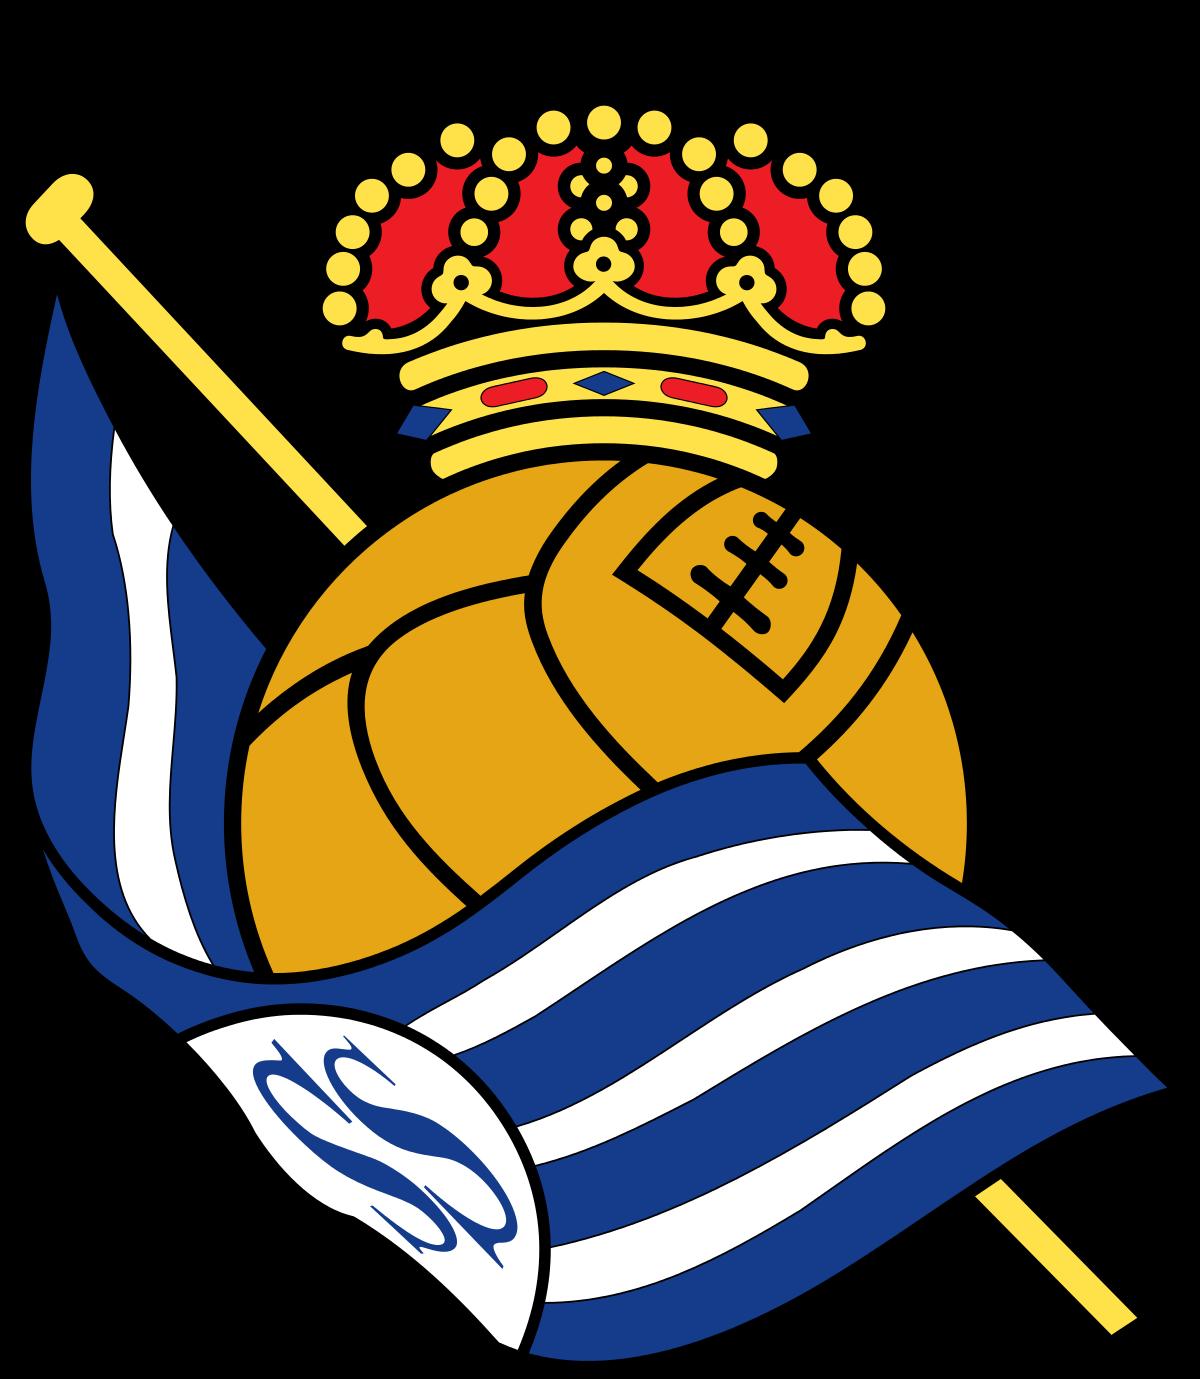 Real Sociedad-3 logo